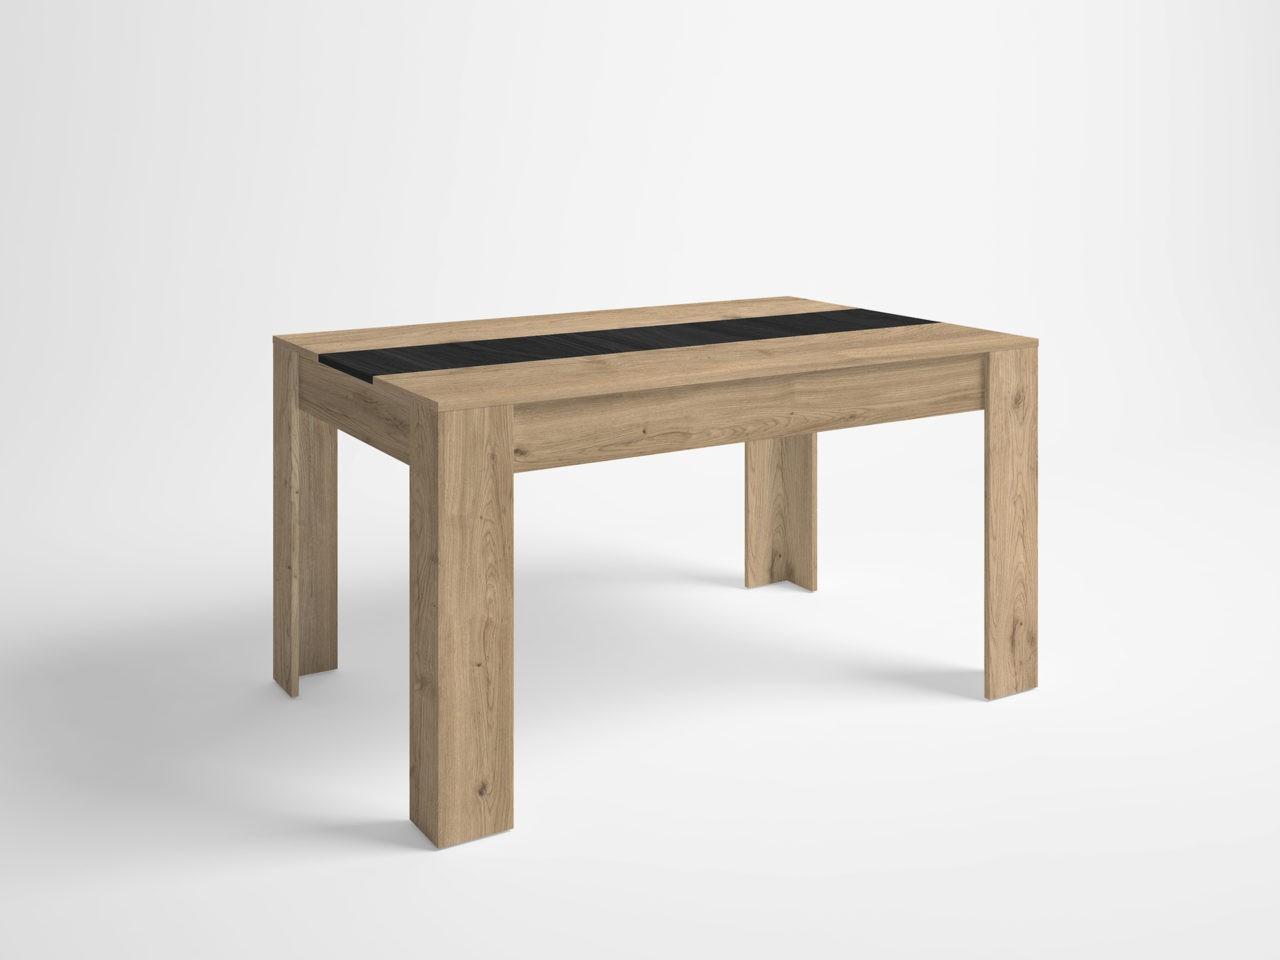 Muebles originales baratos online muebles recibidor y for Replicas de muebles modernos